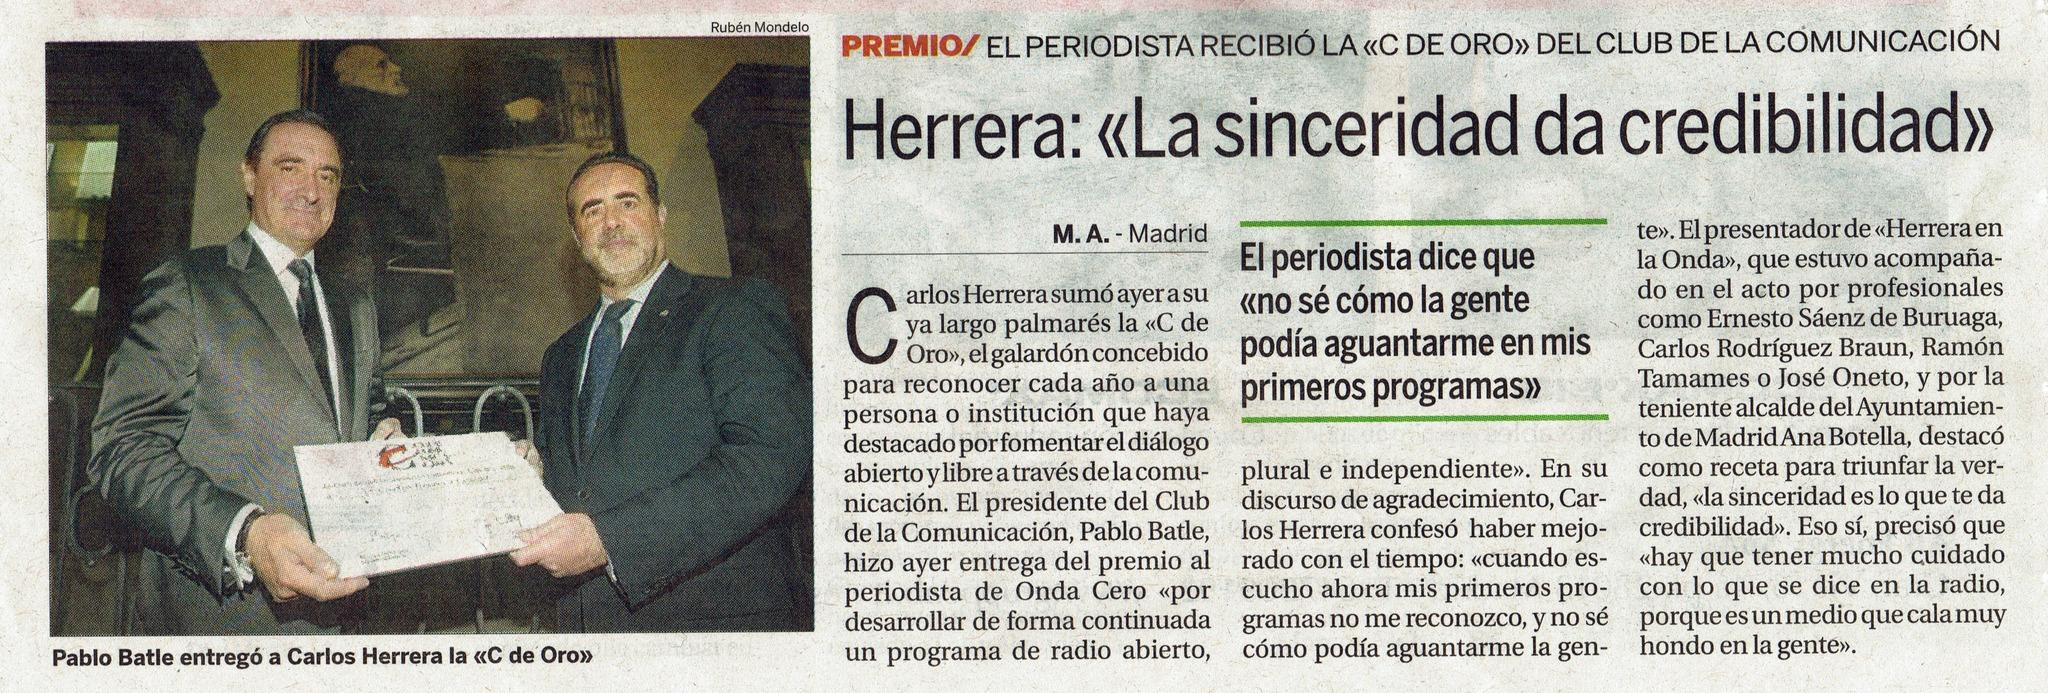 Herrera05